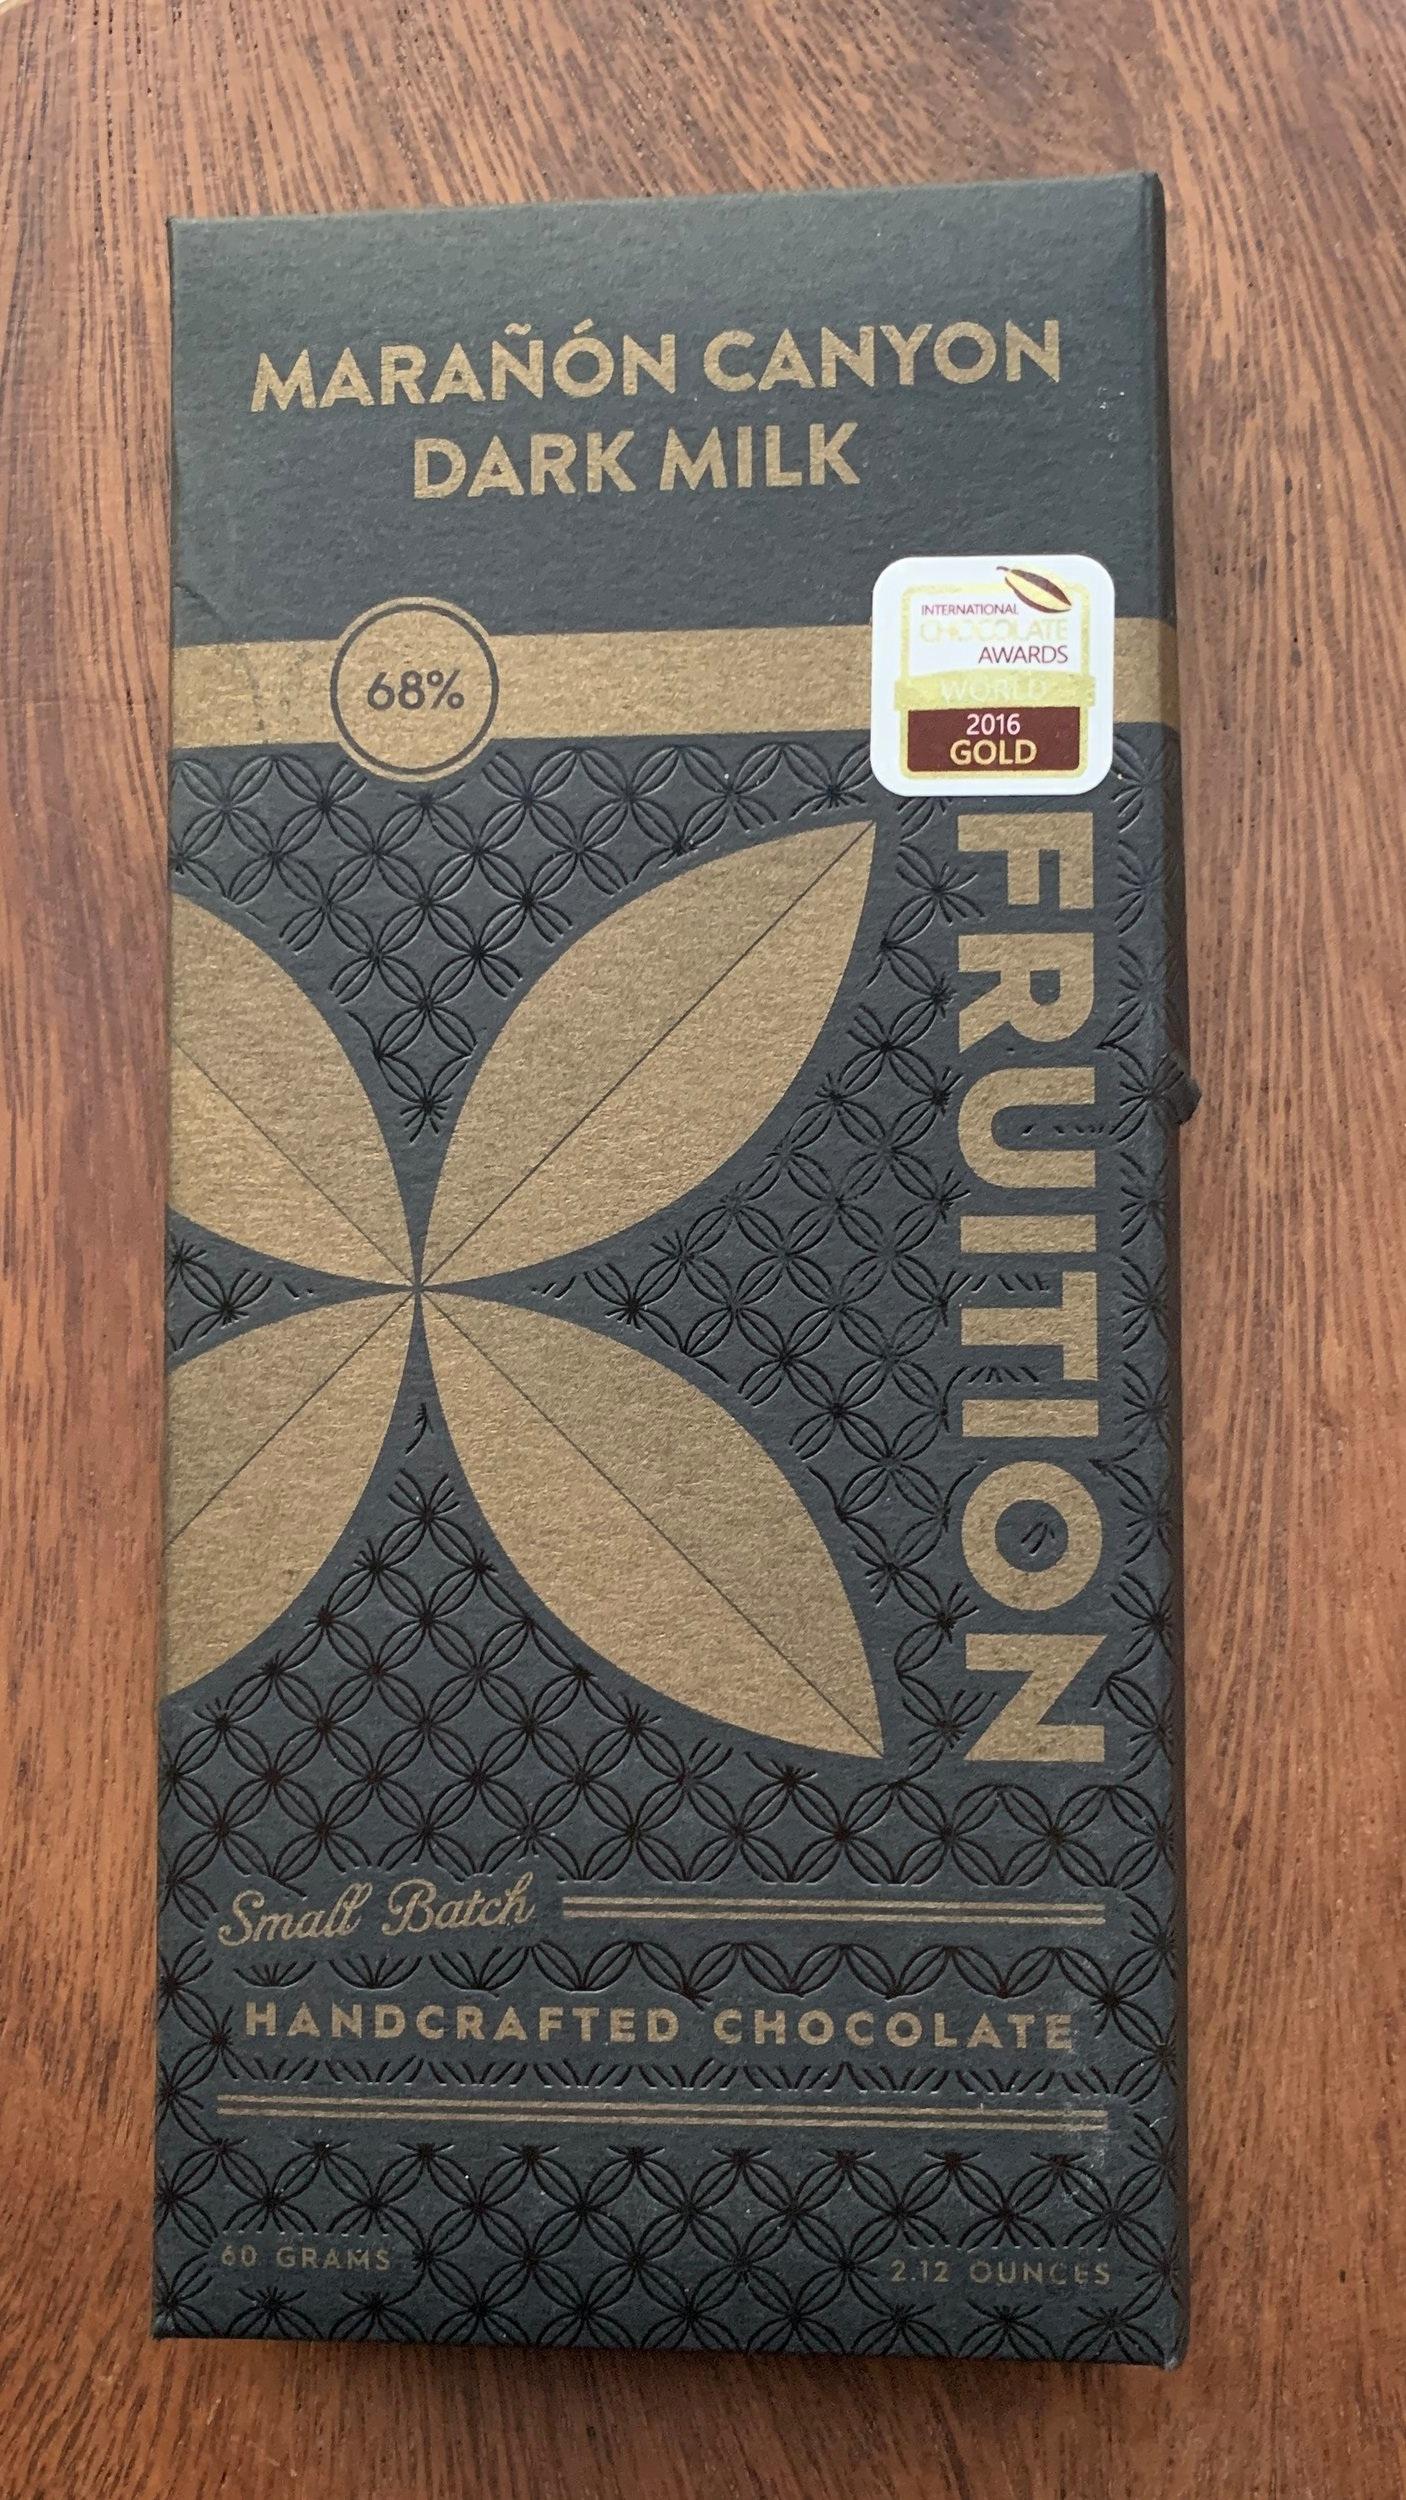 Fruition - Bran, toasted malt, raisin